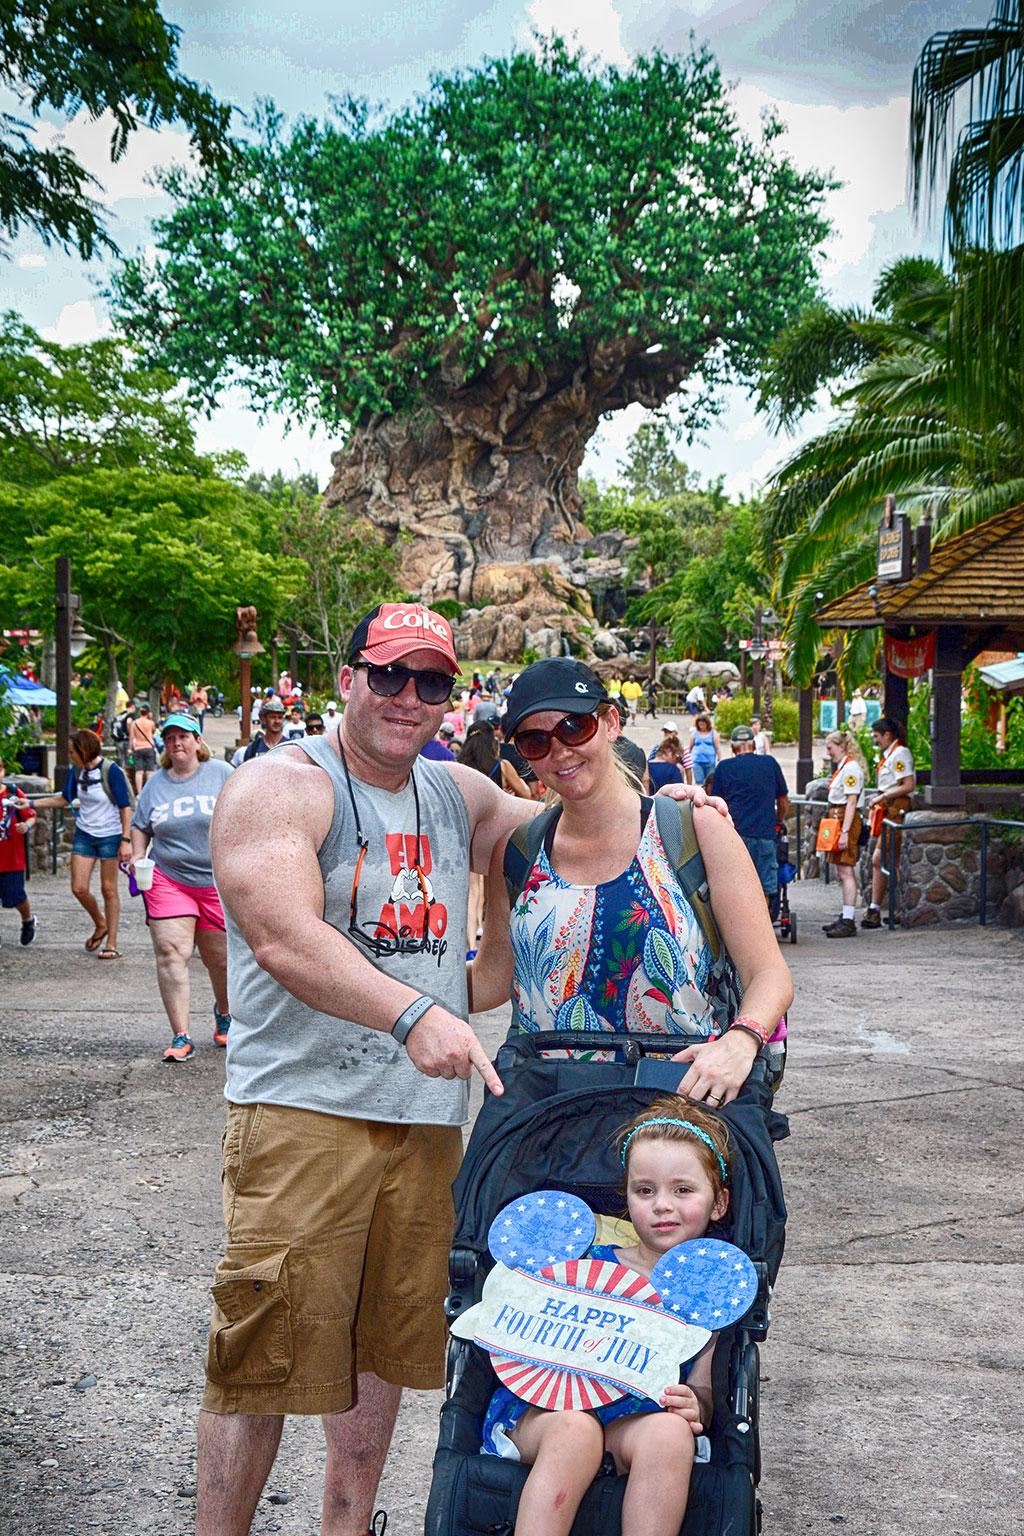 Família Pontoldio em frente à Árvore da Vida, no parque Animal Kingdom